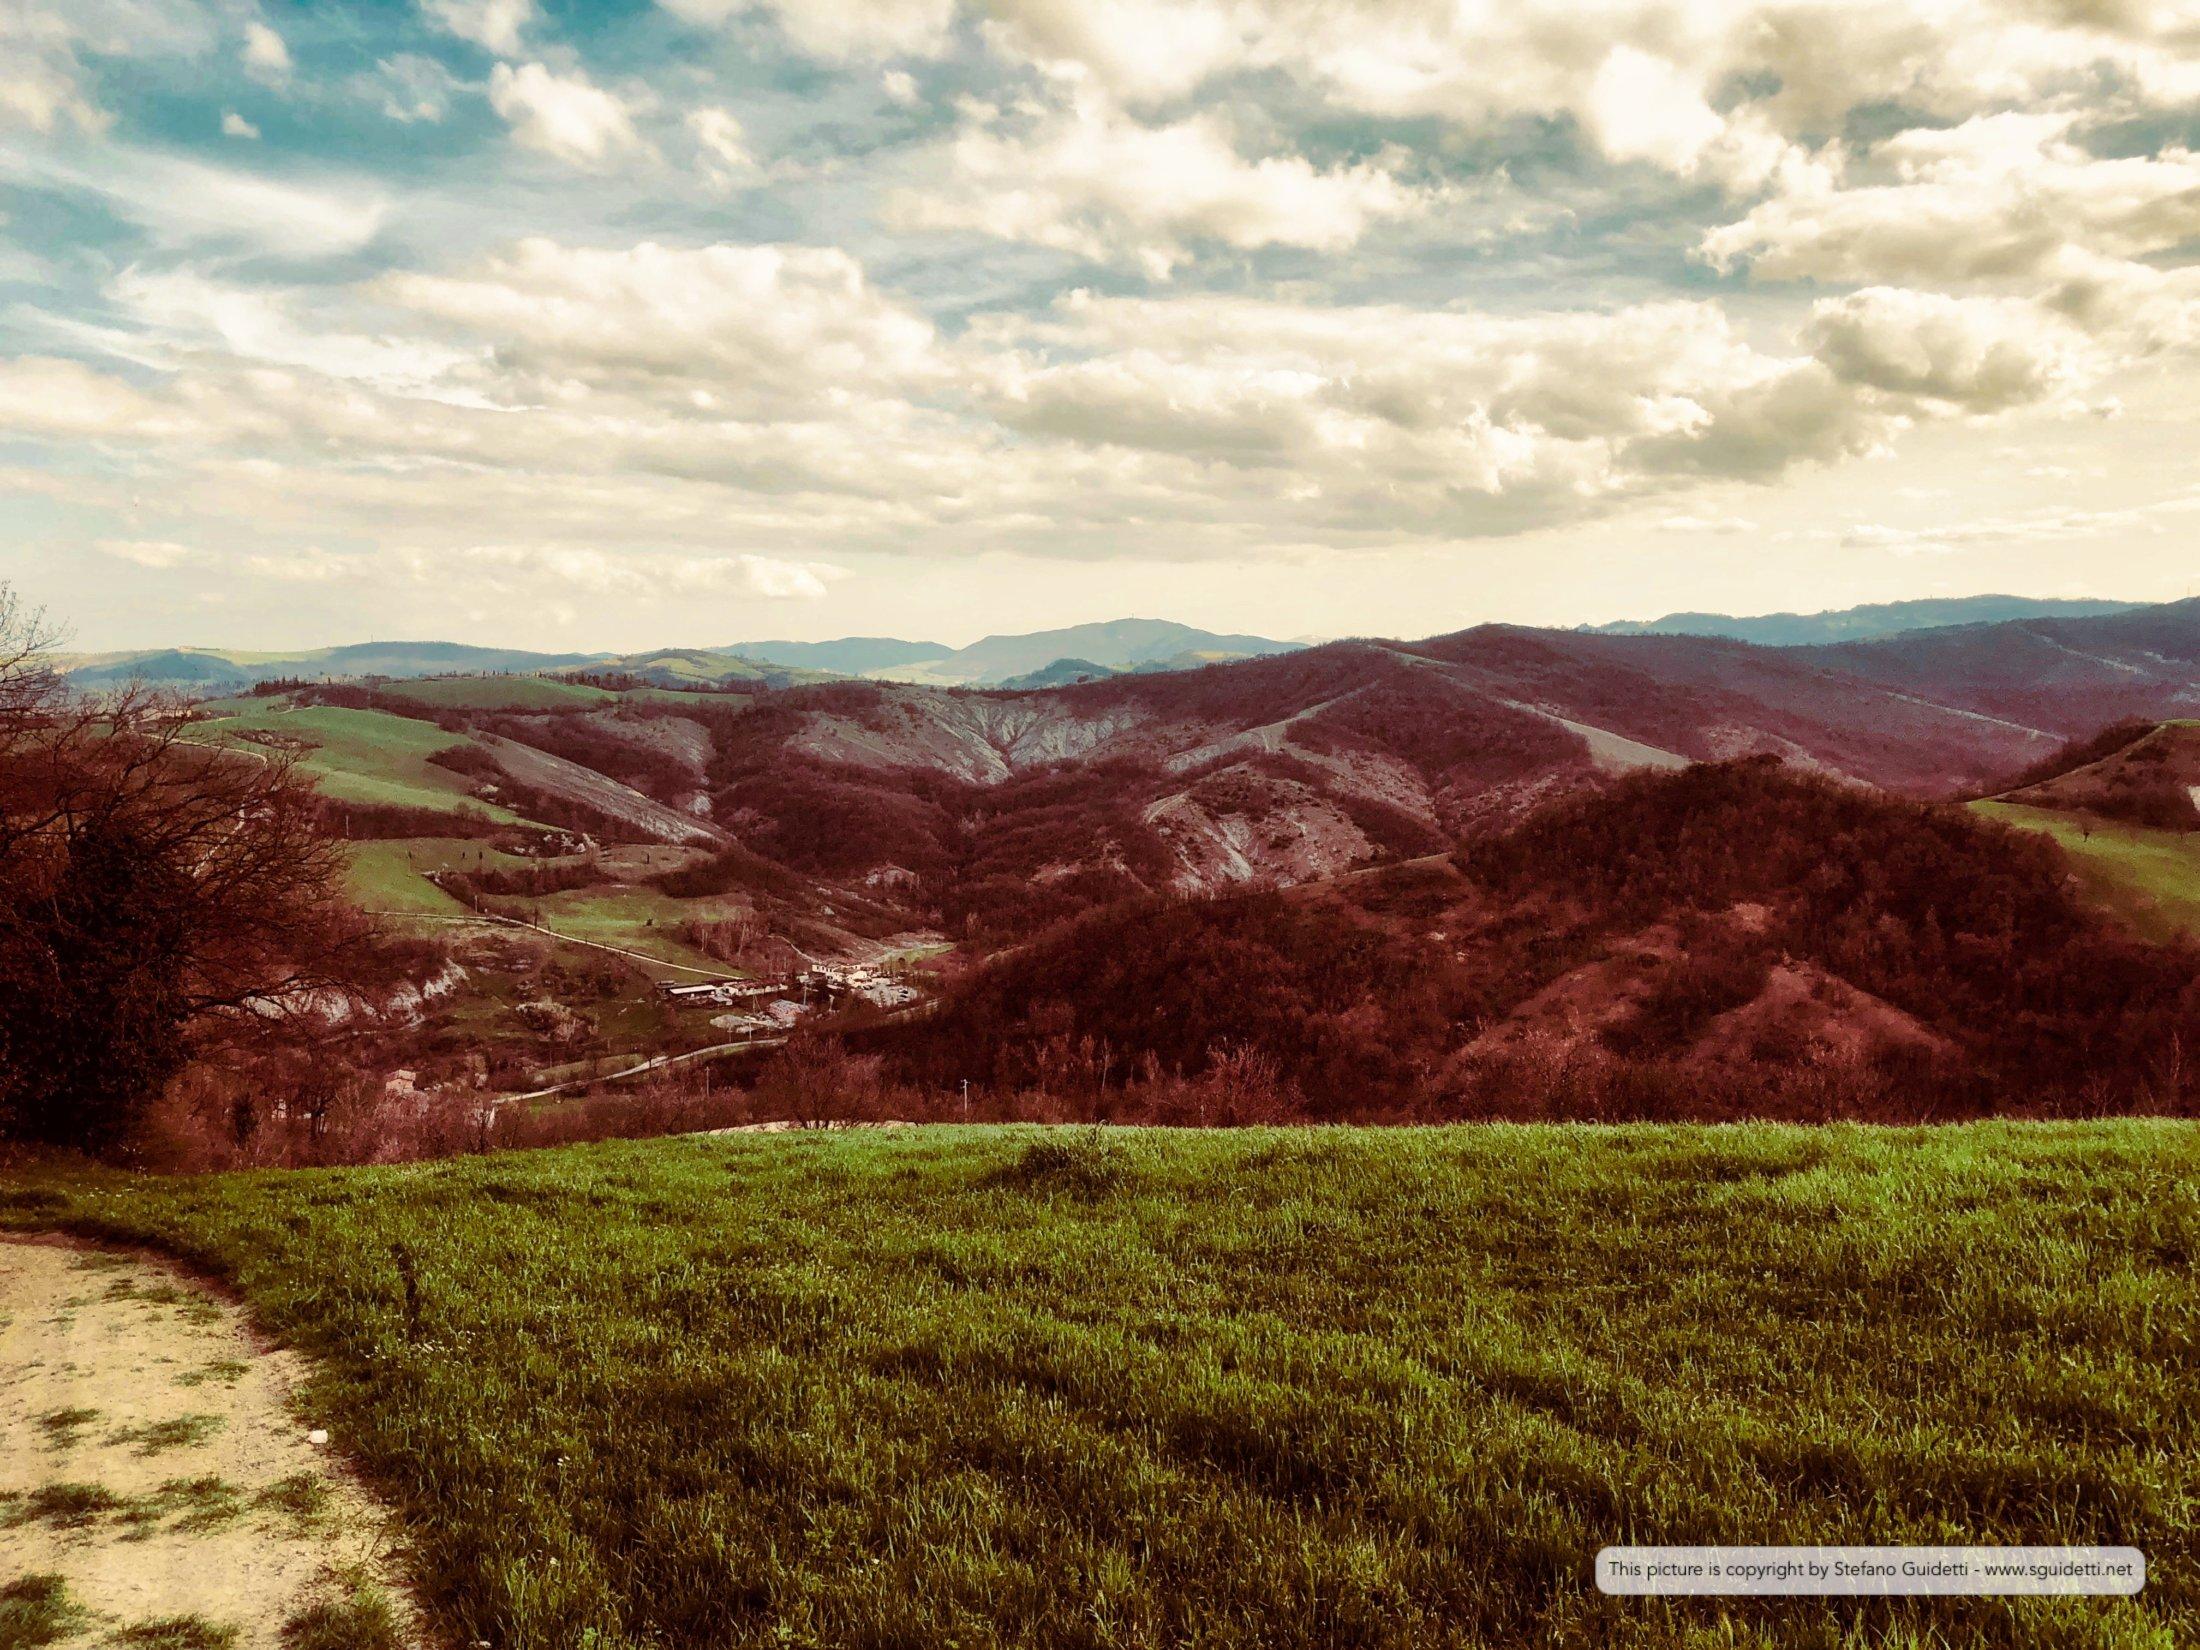 landscapes_20180402_IMG_0342